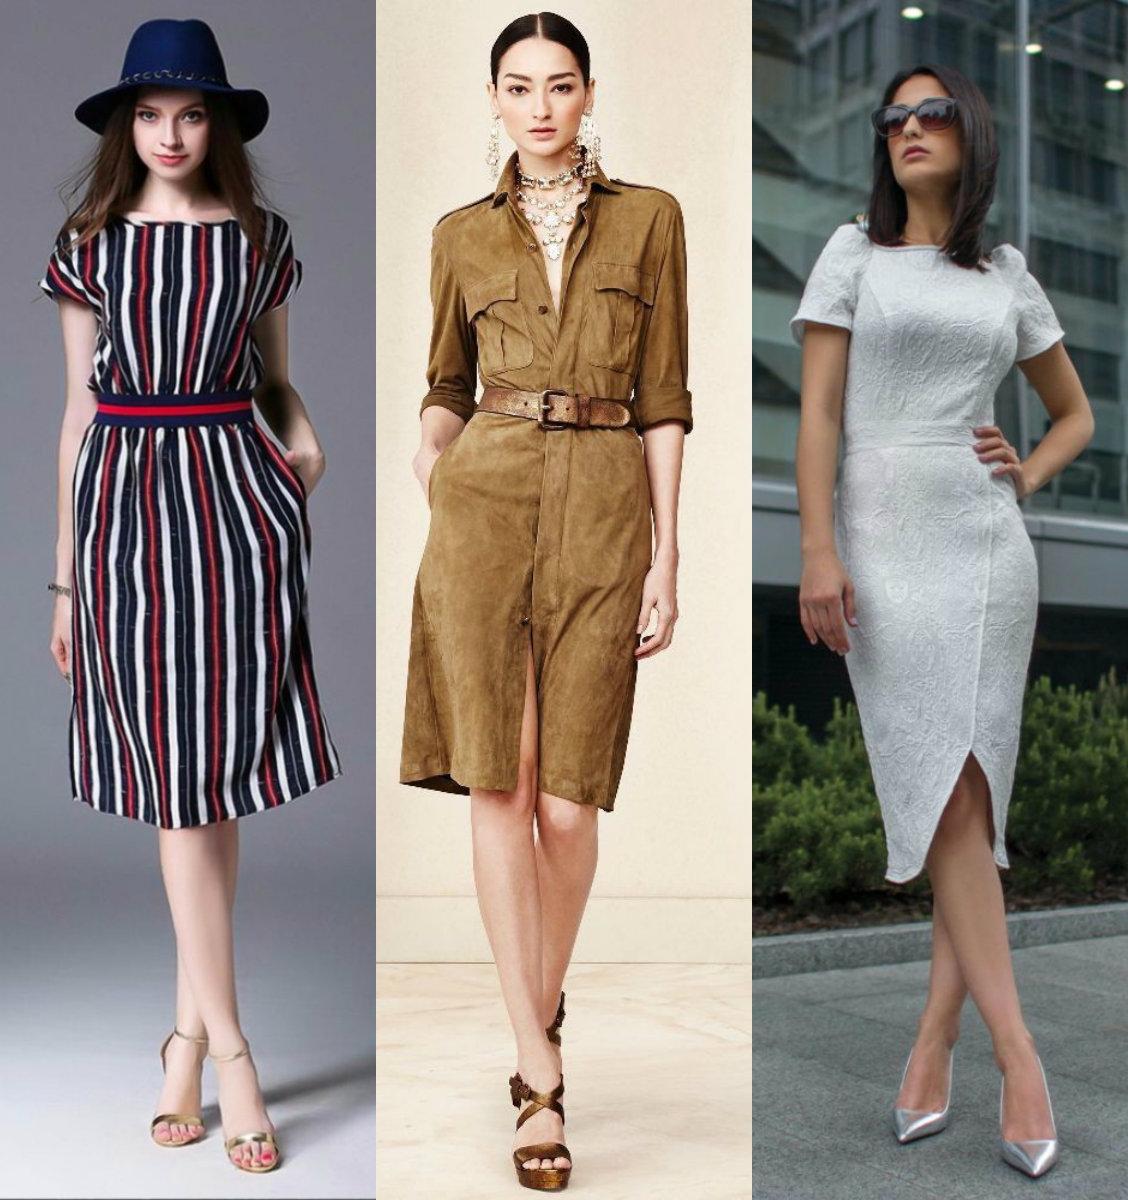 модные тенденции платьев 2018: разнообразие моделей